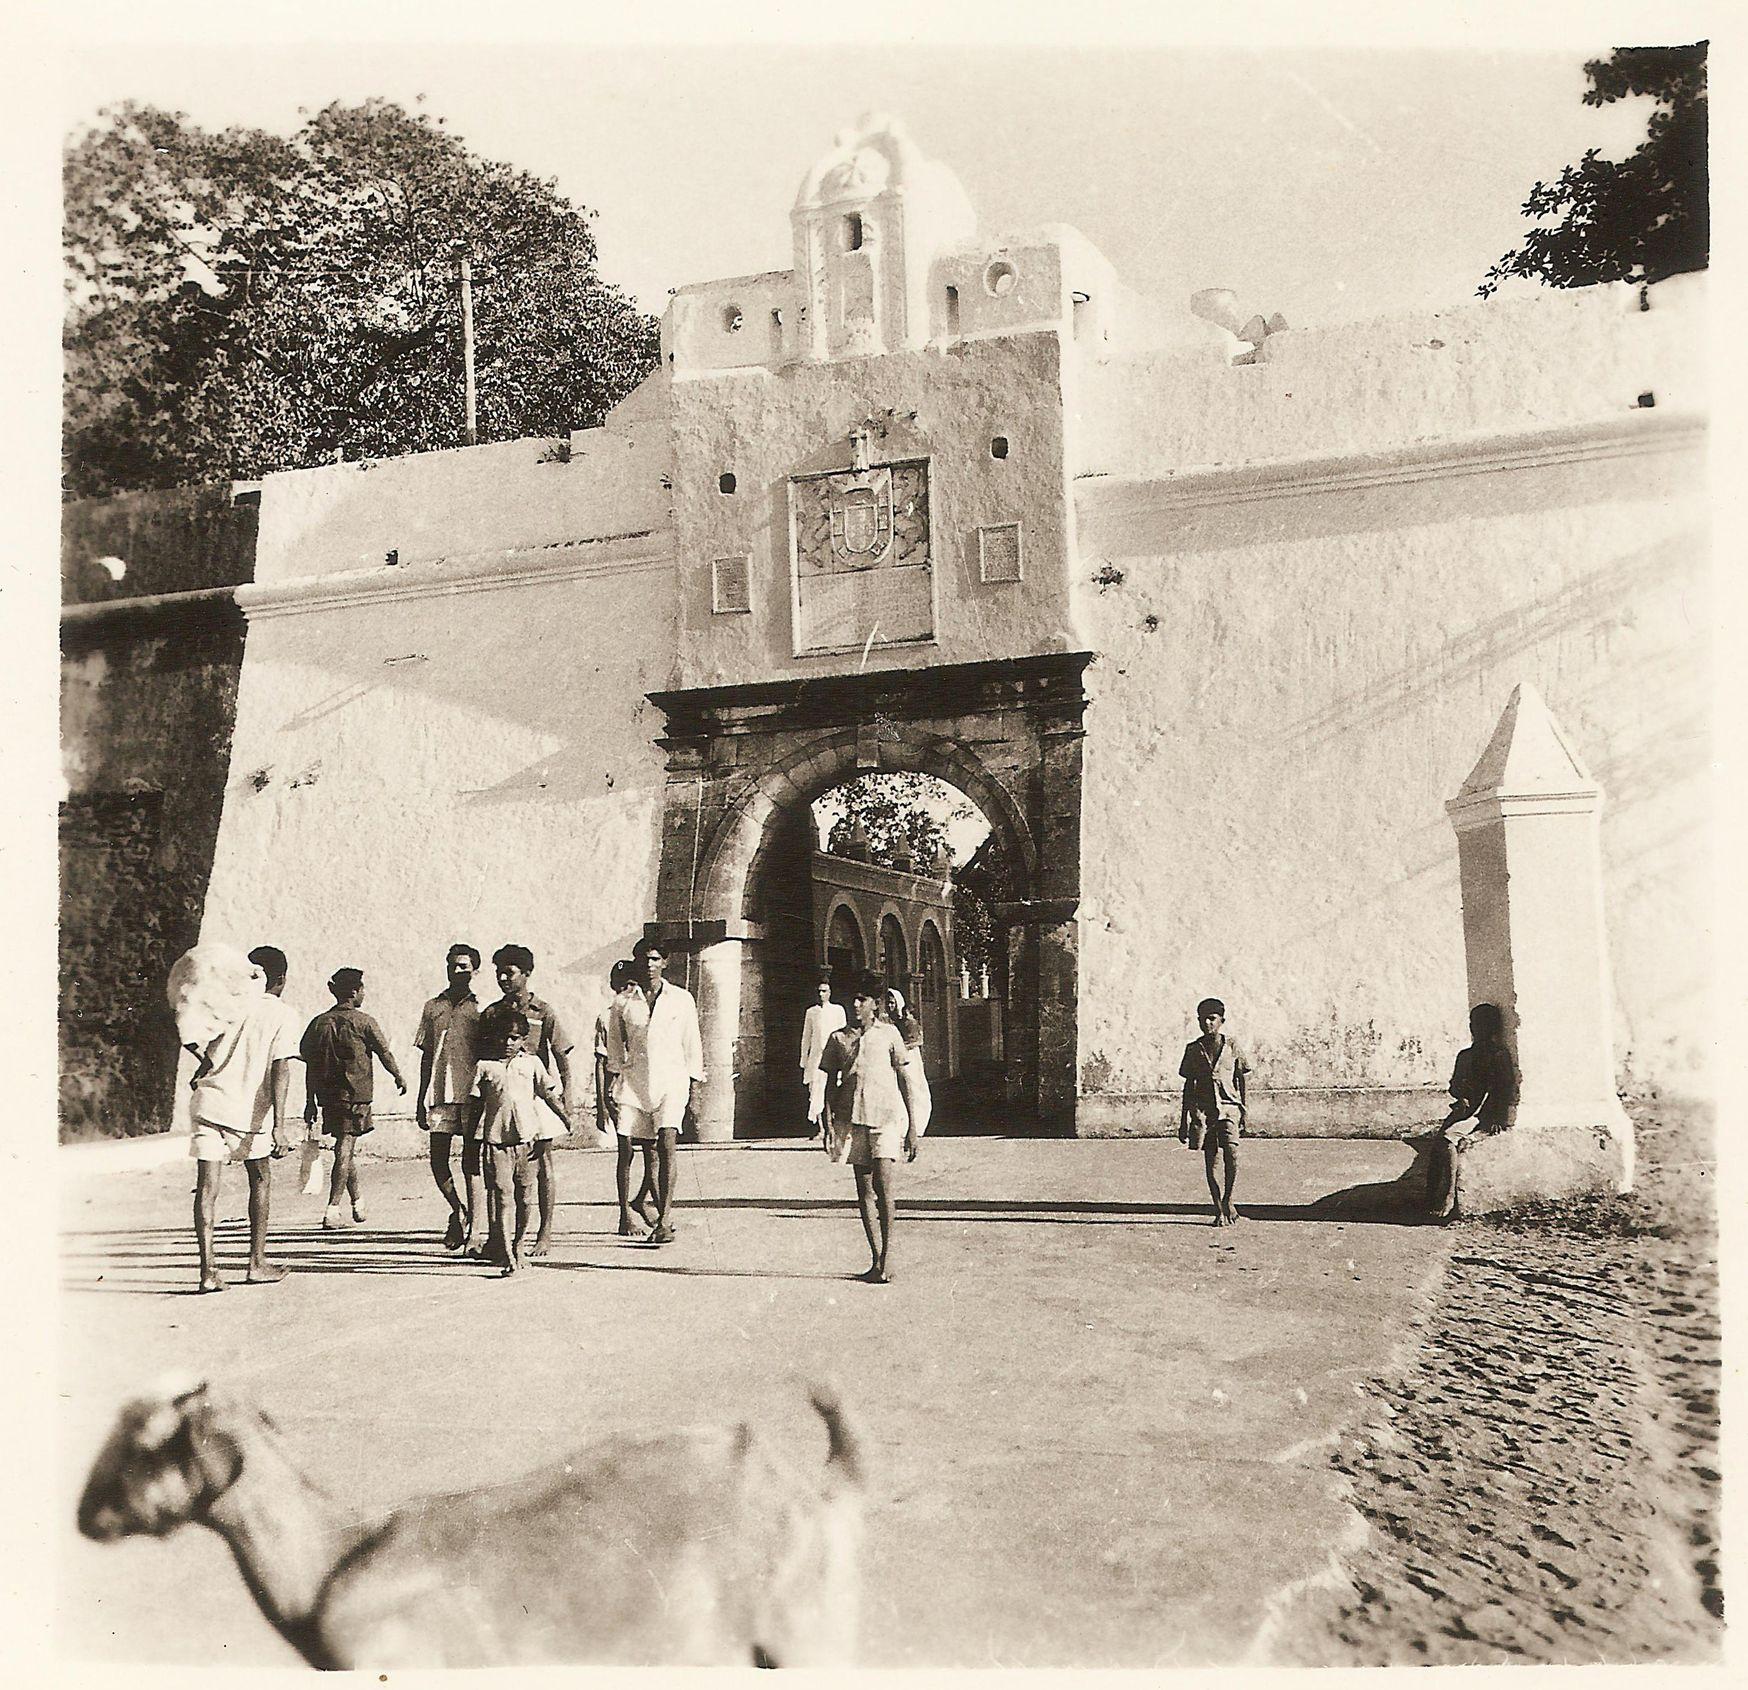 Fotografia da entrada da Praça de Damão. fotografia da Porta do mar